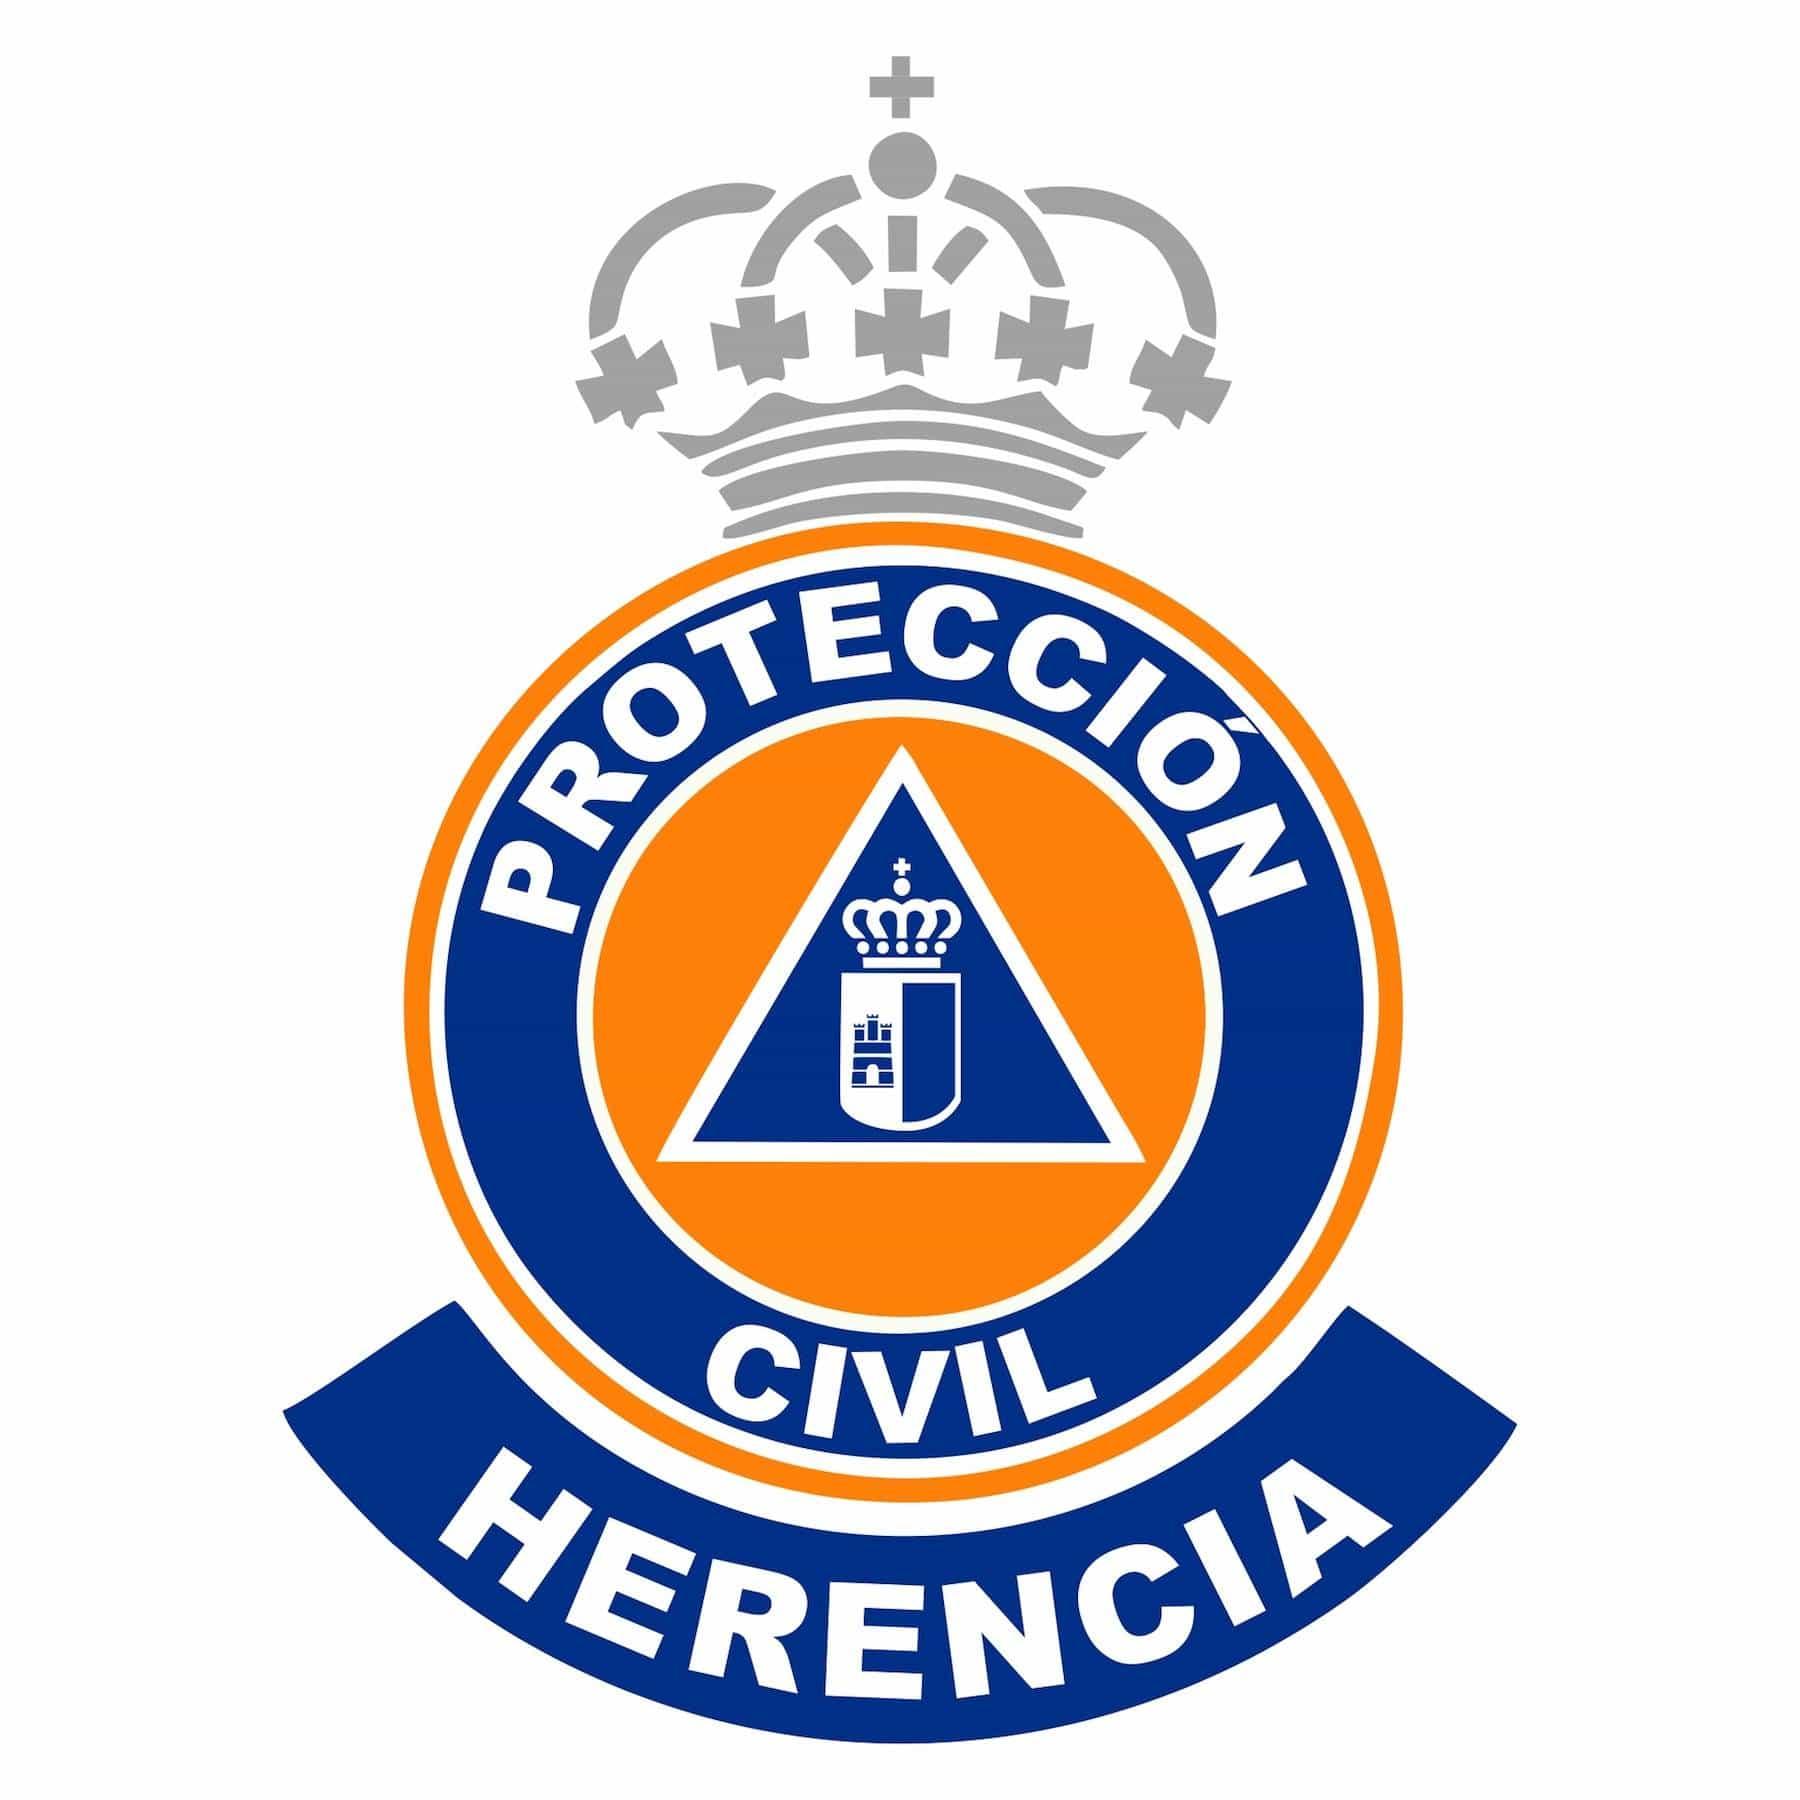 LOGO Proteccion Civil Herencia - La Junta destina un equipo electrógeno y complementos para Protección Civil de Herencia